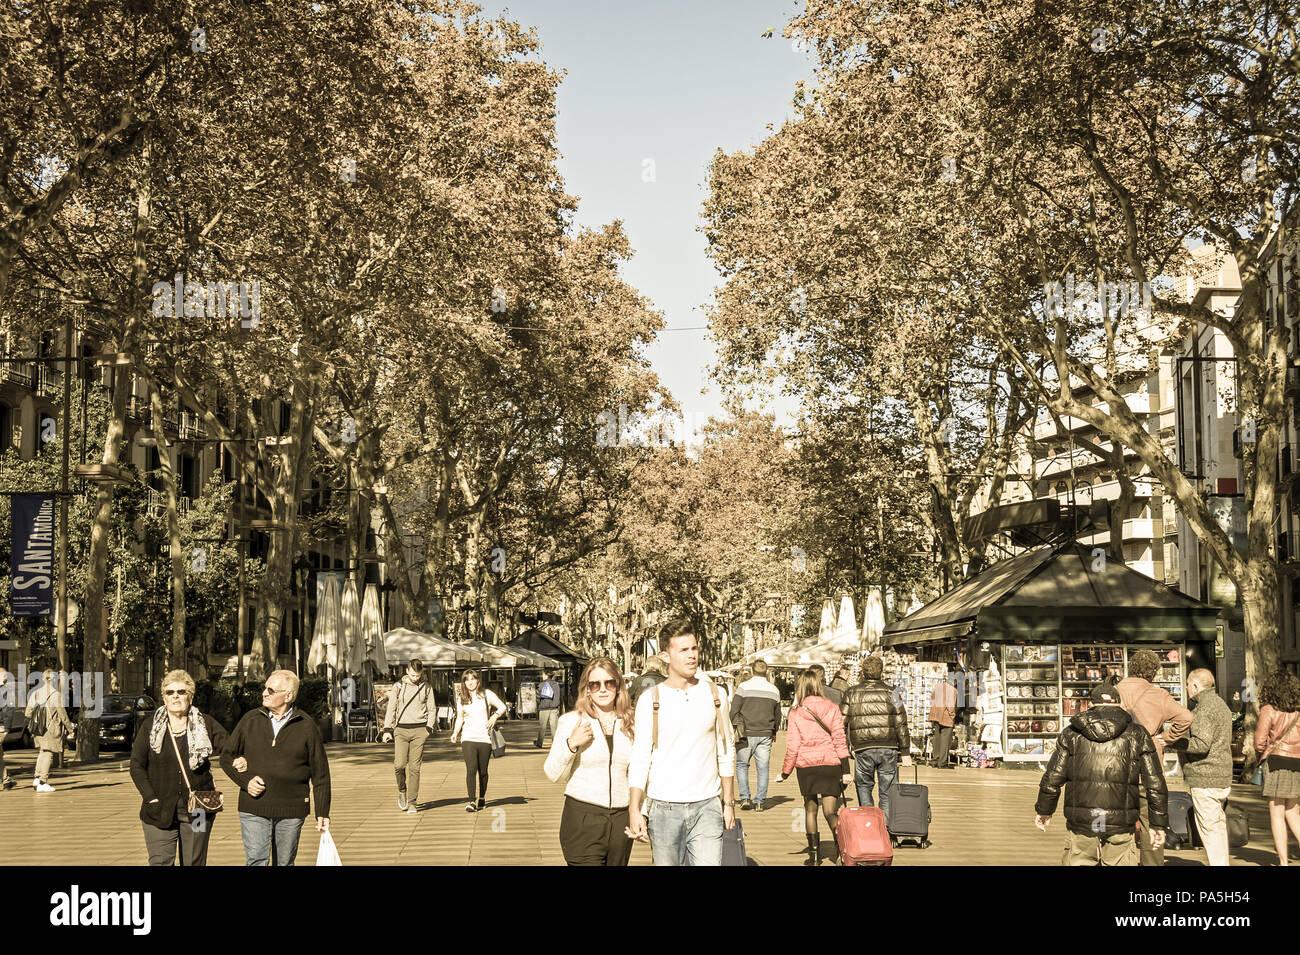 Le famose Ramblas con pochi turisti il 15 novembre 2016. La Ramblas è la più famosa città di Barcelona, Spagna. vintage e yesterye Immagini Stock